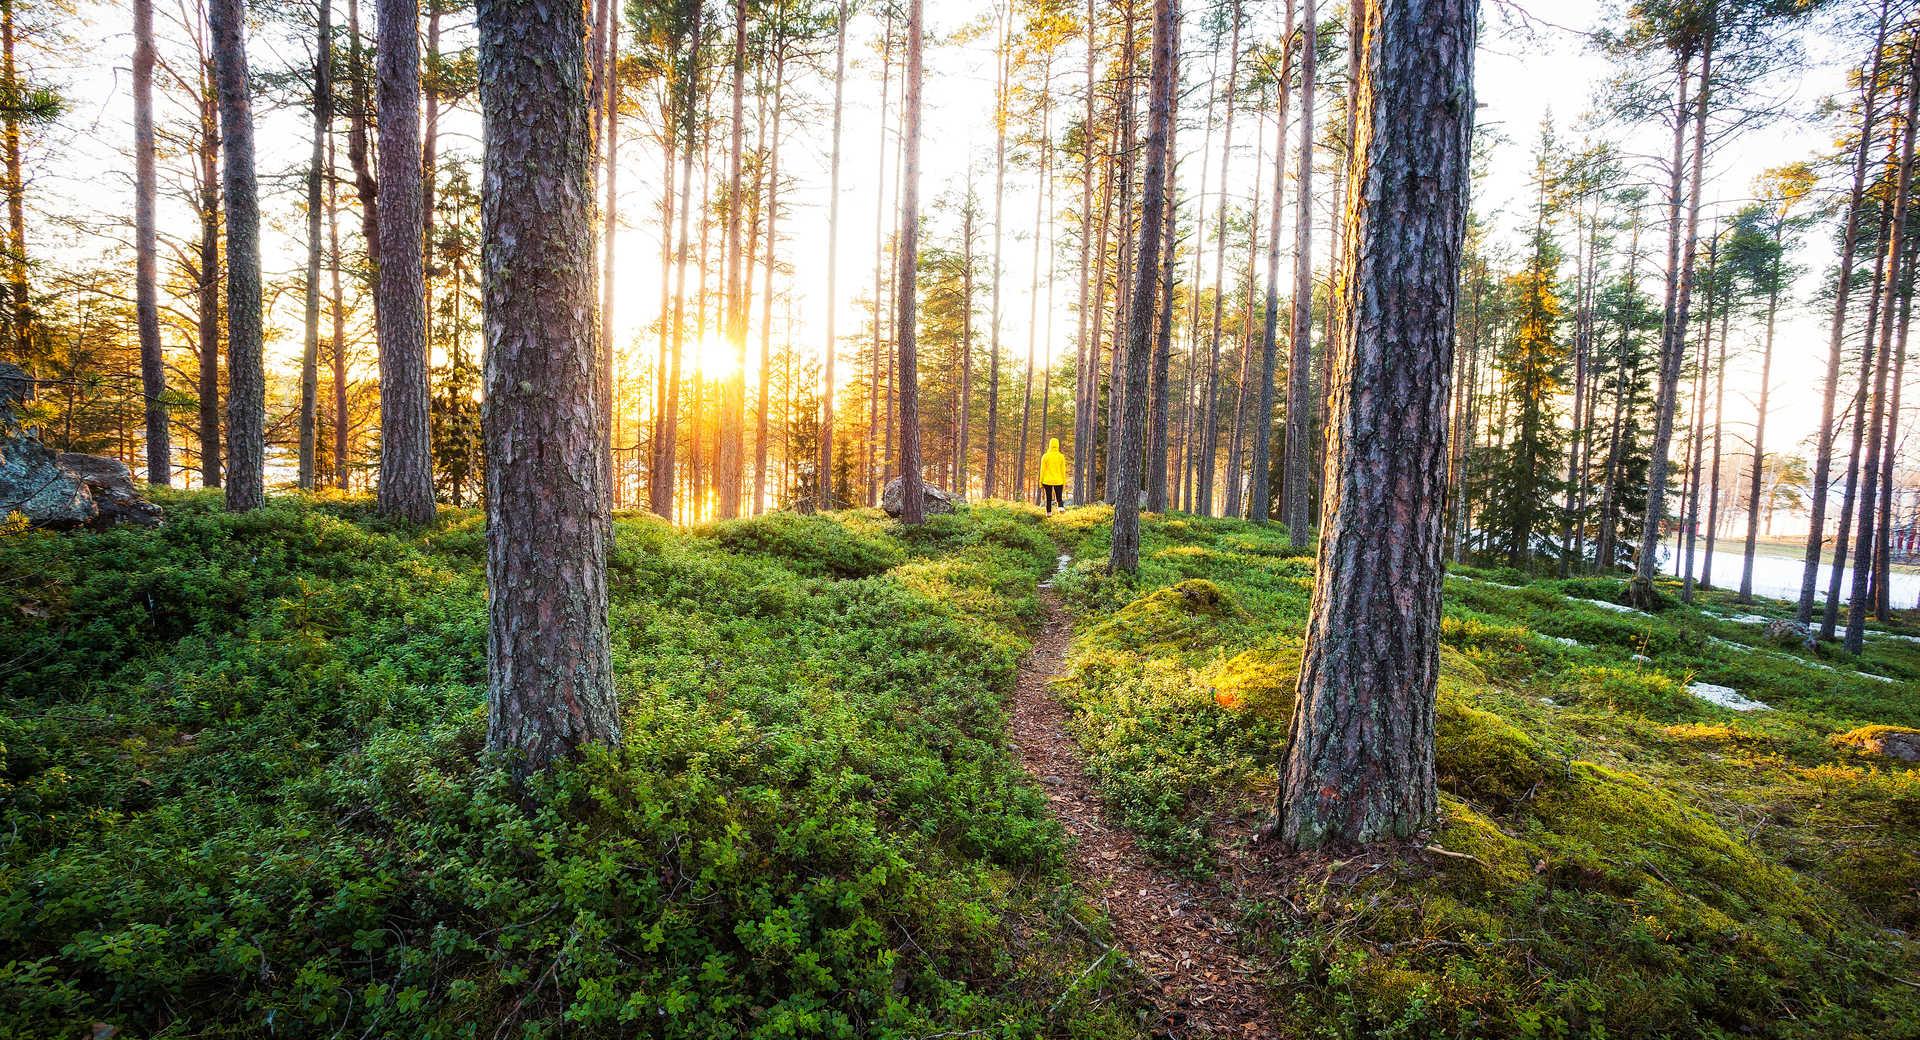 randonnée dans les forêts de Finlande lété